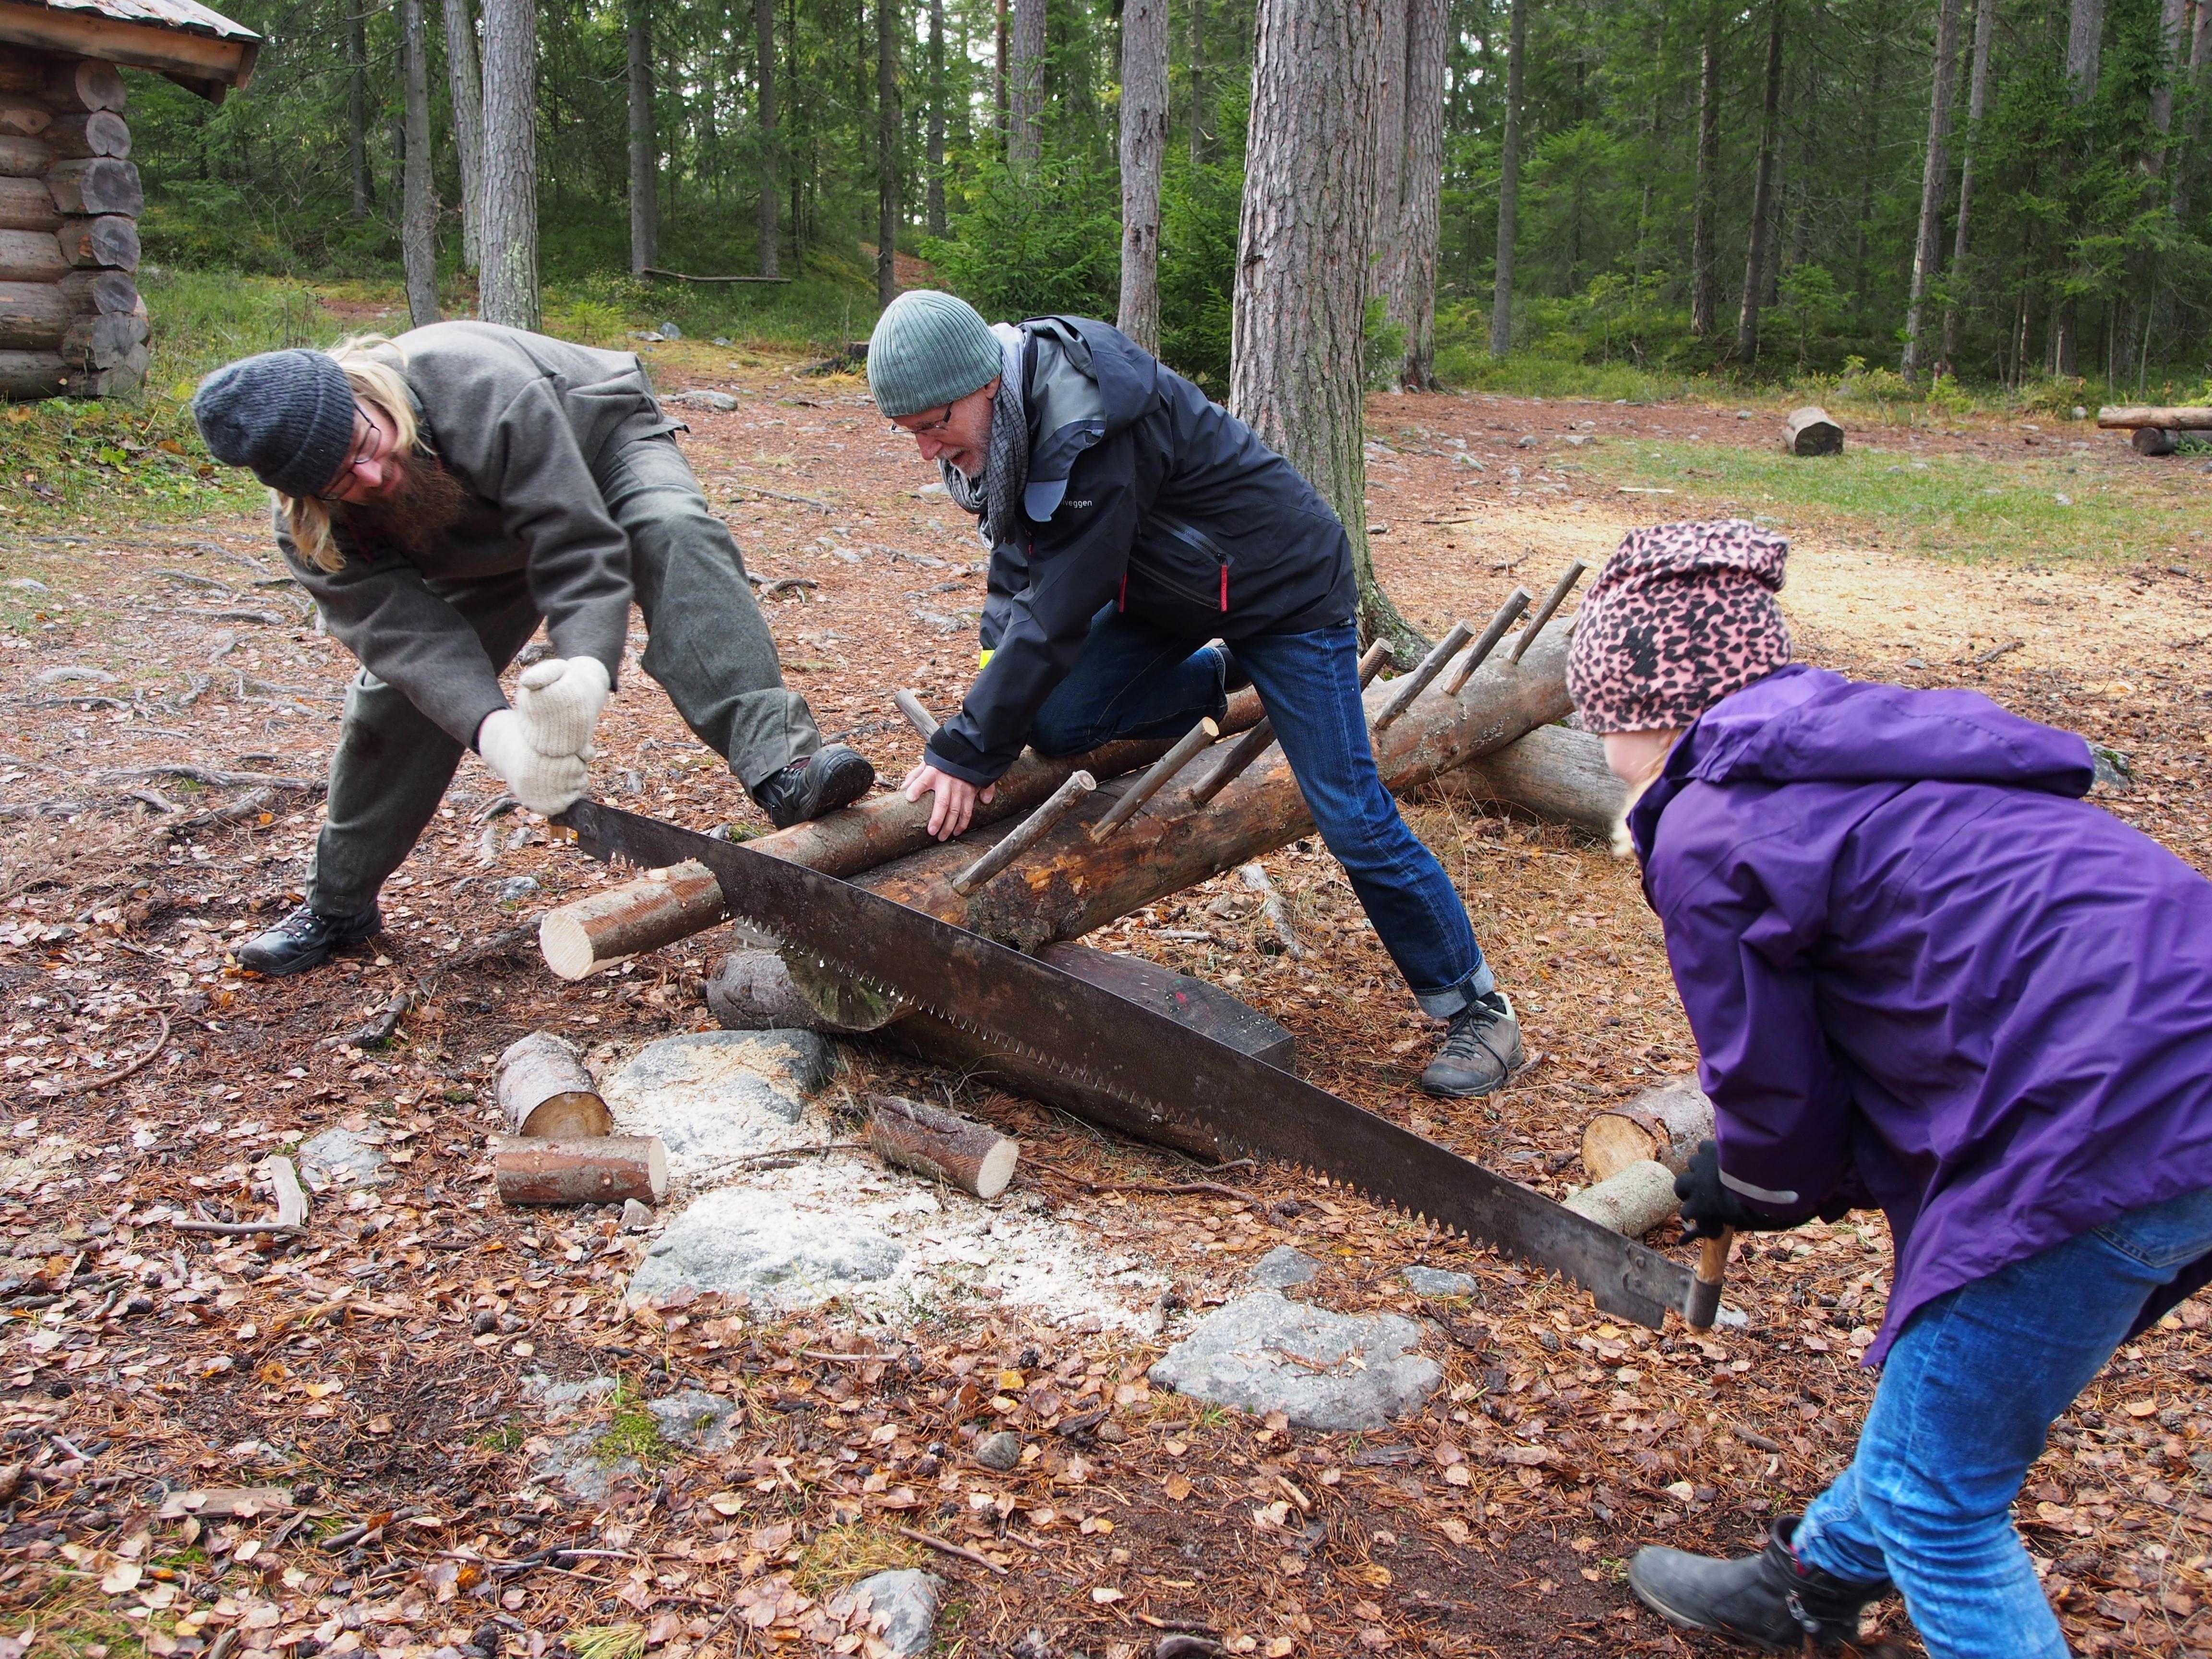 Skogsarbetarliv, Skvadern och gamla leksaker - Höstlov på Norra Berget